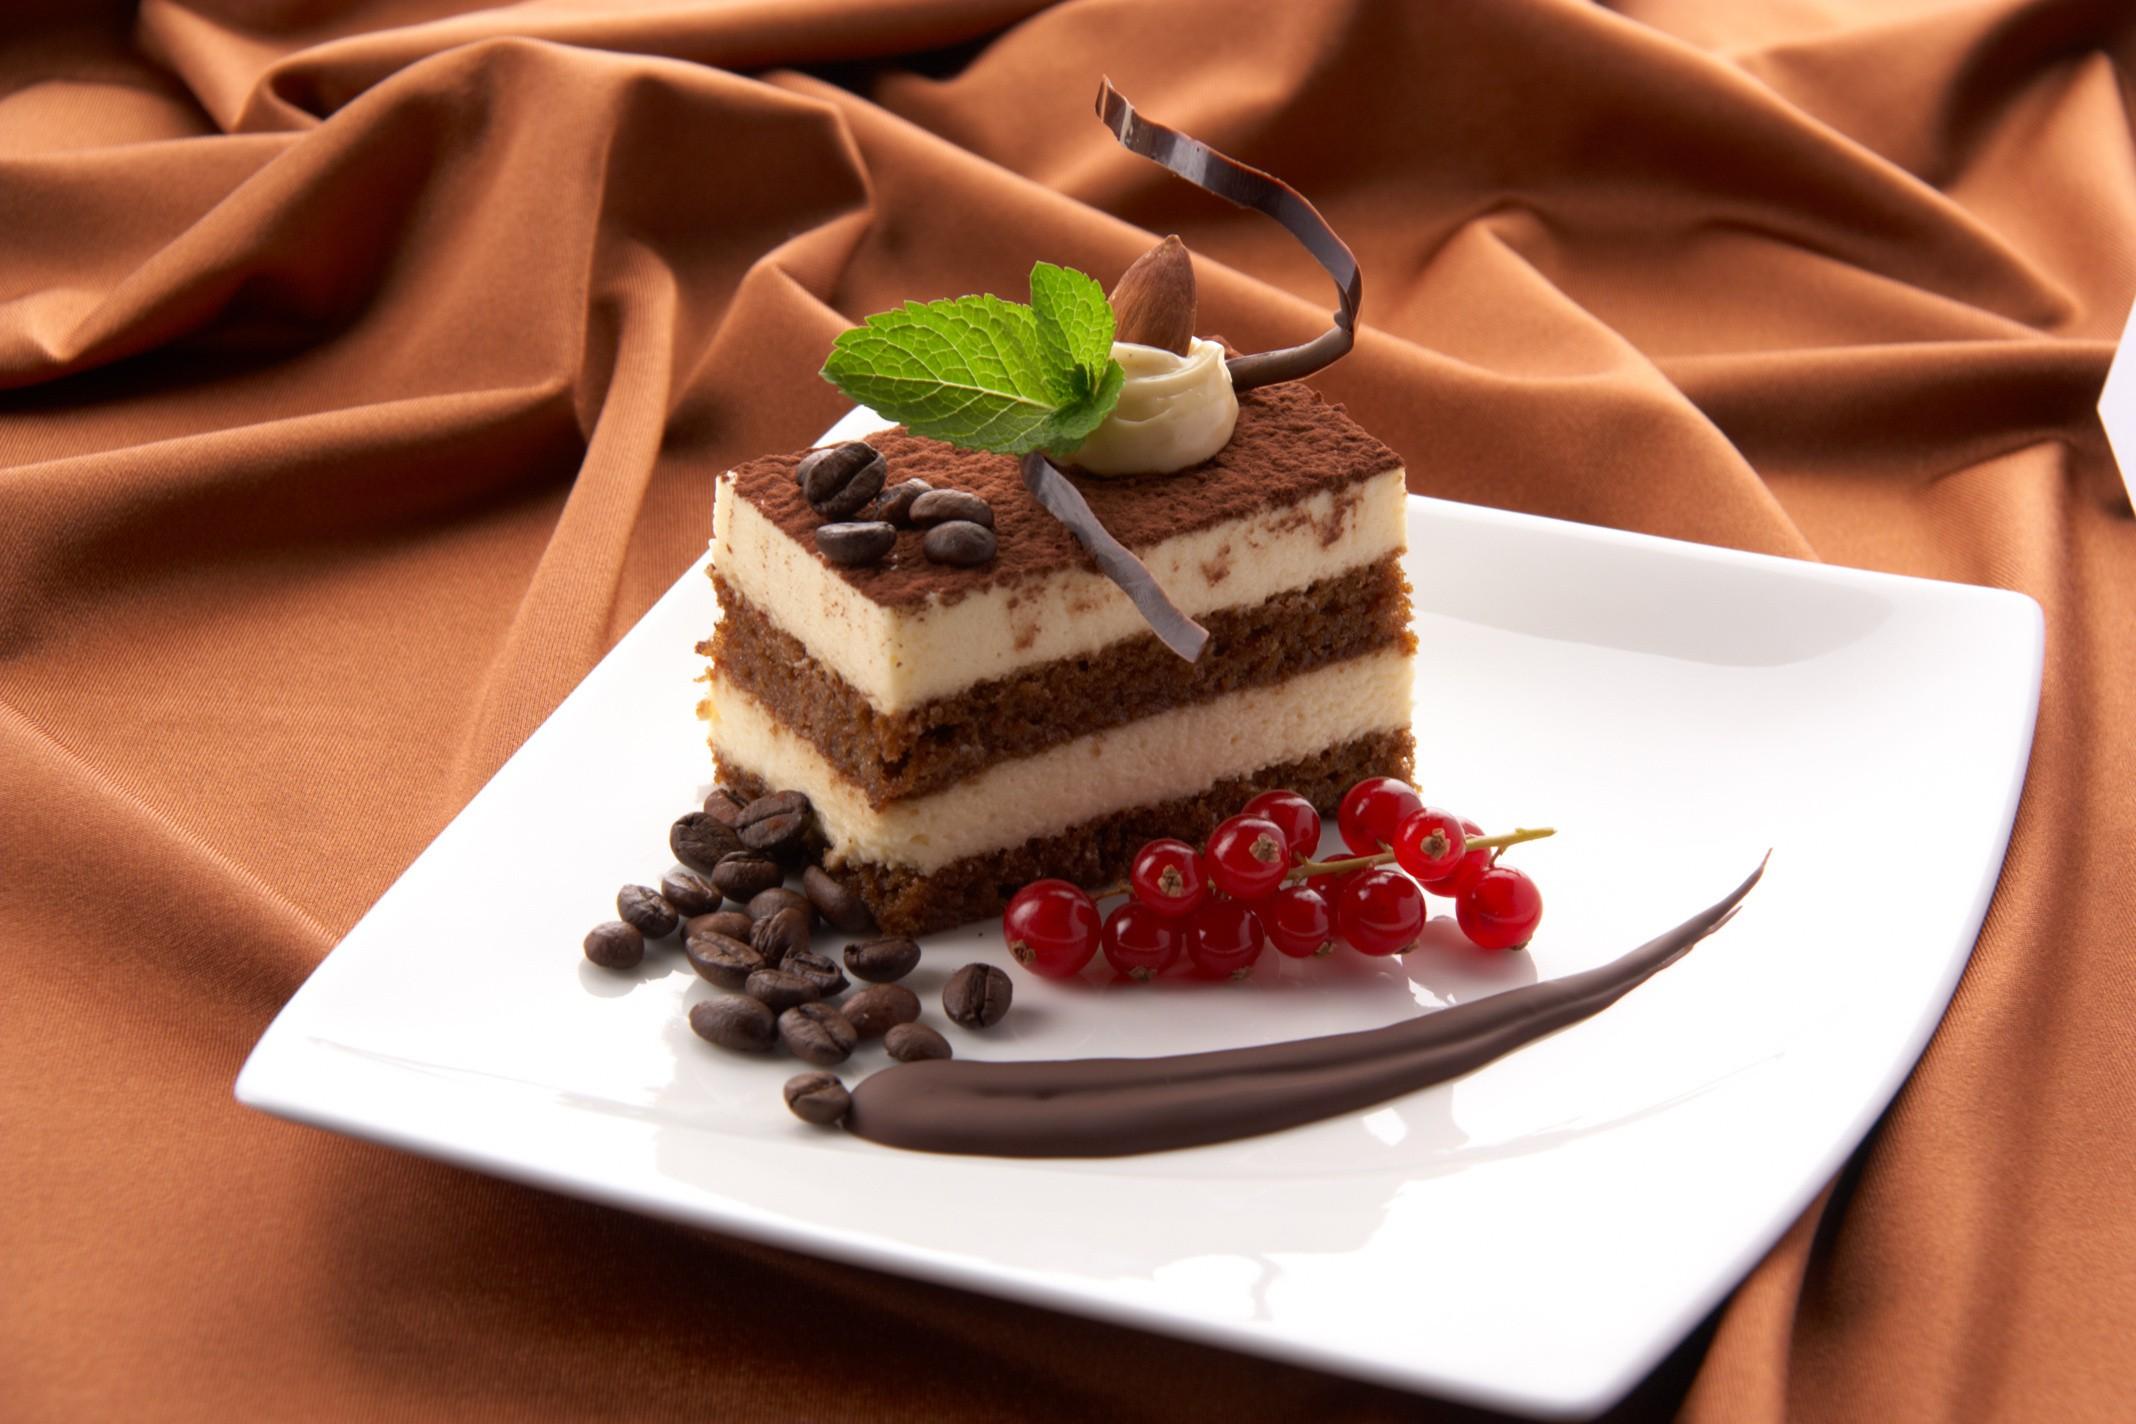 Кусок торта со свечей  № 2183967 бесплатно